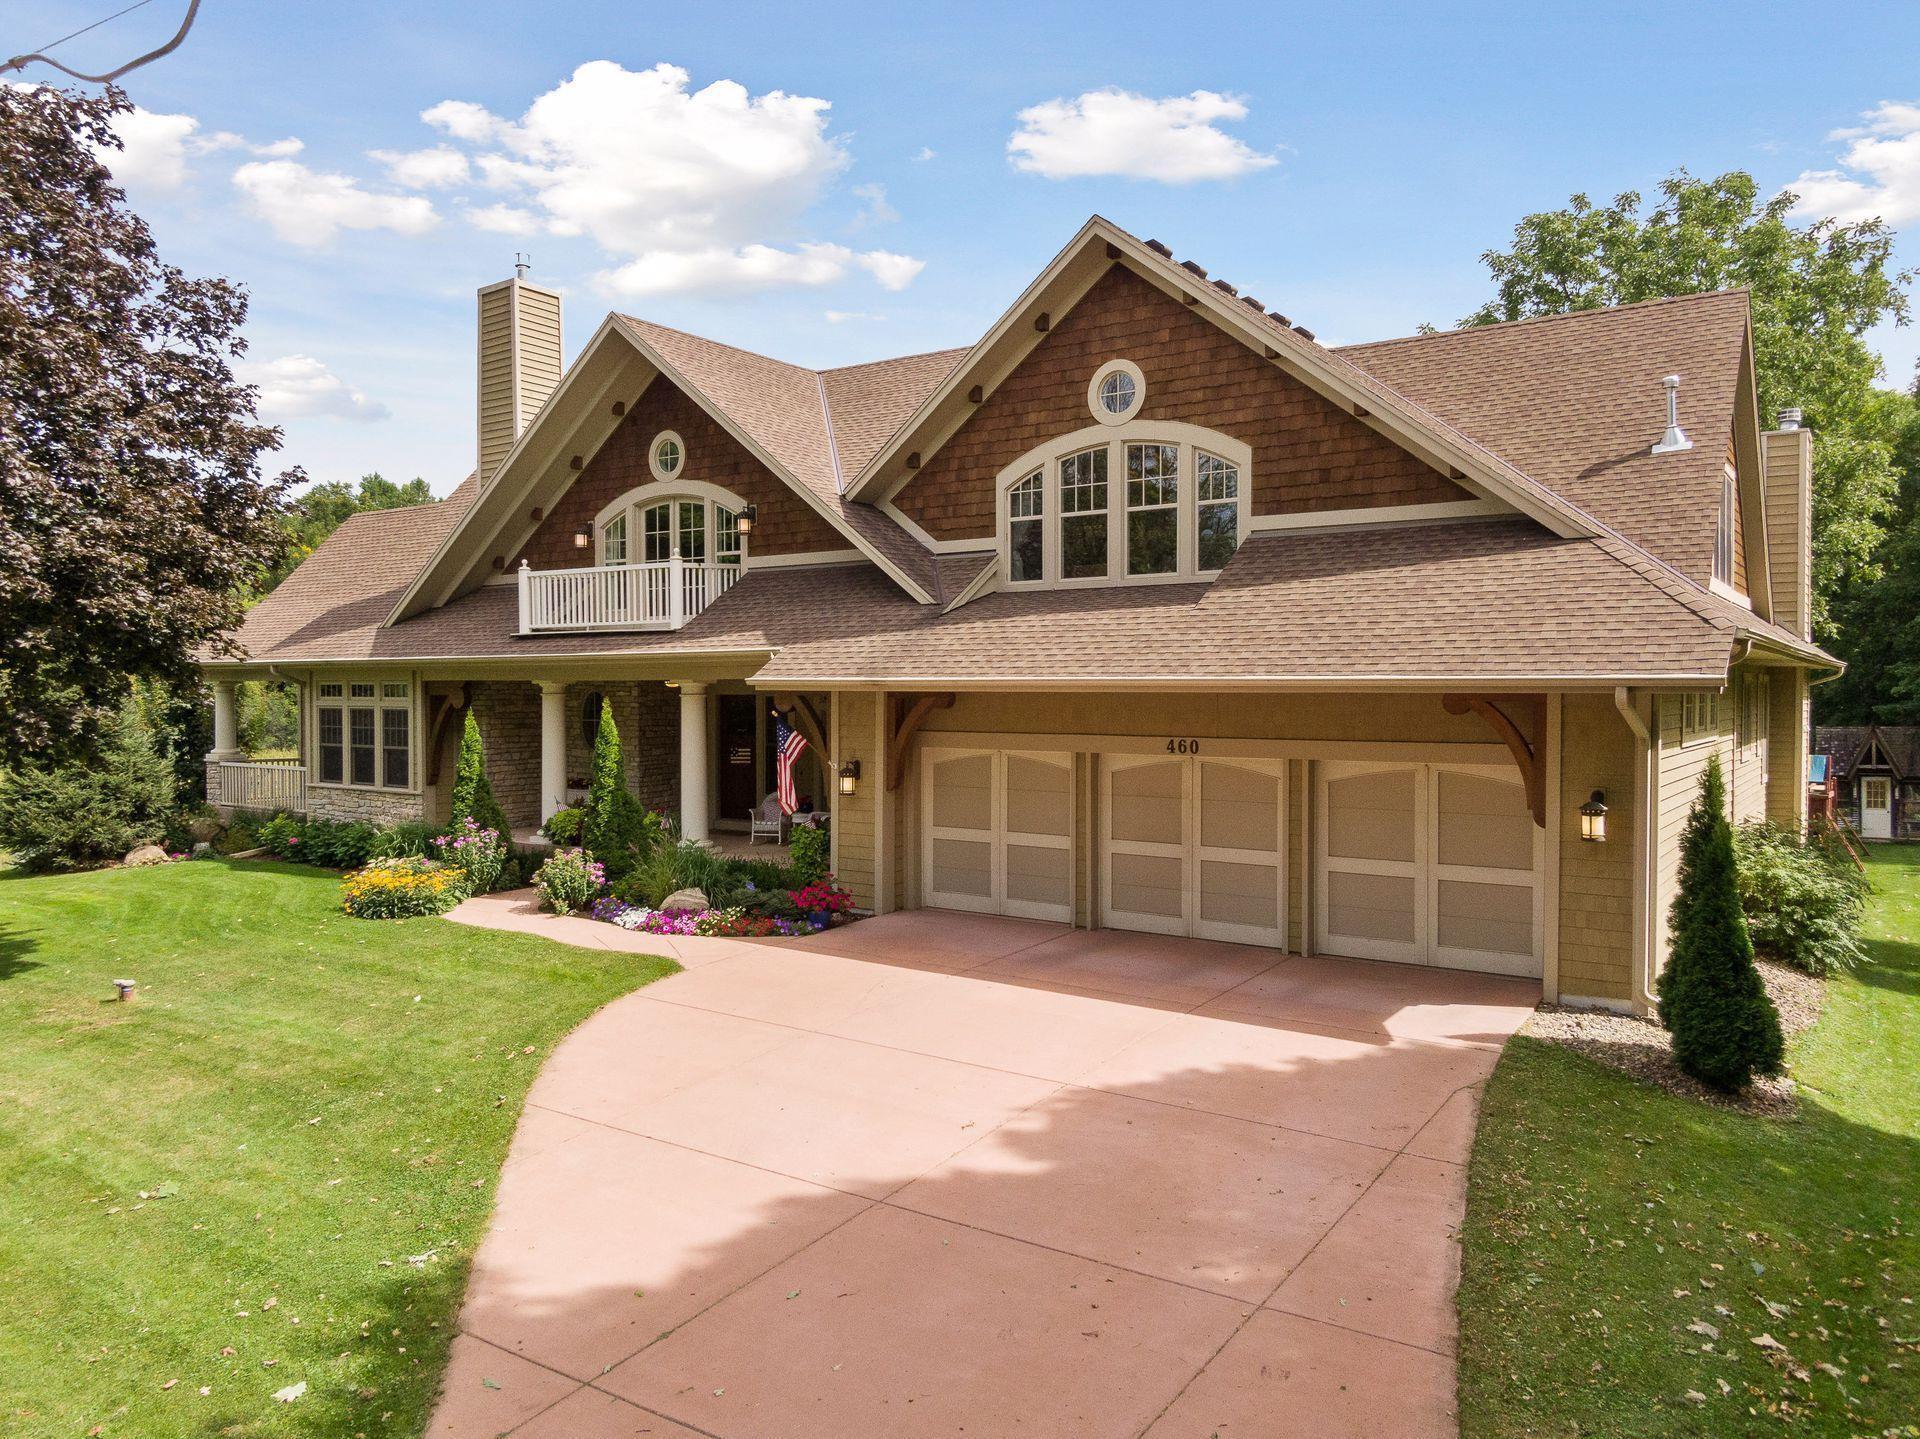 460 E Long Lake Road, Orono, MN 55391